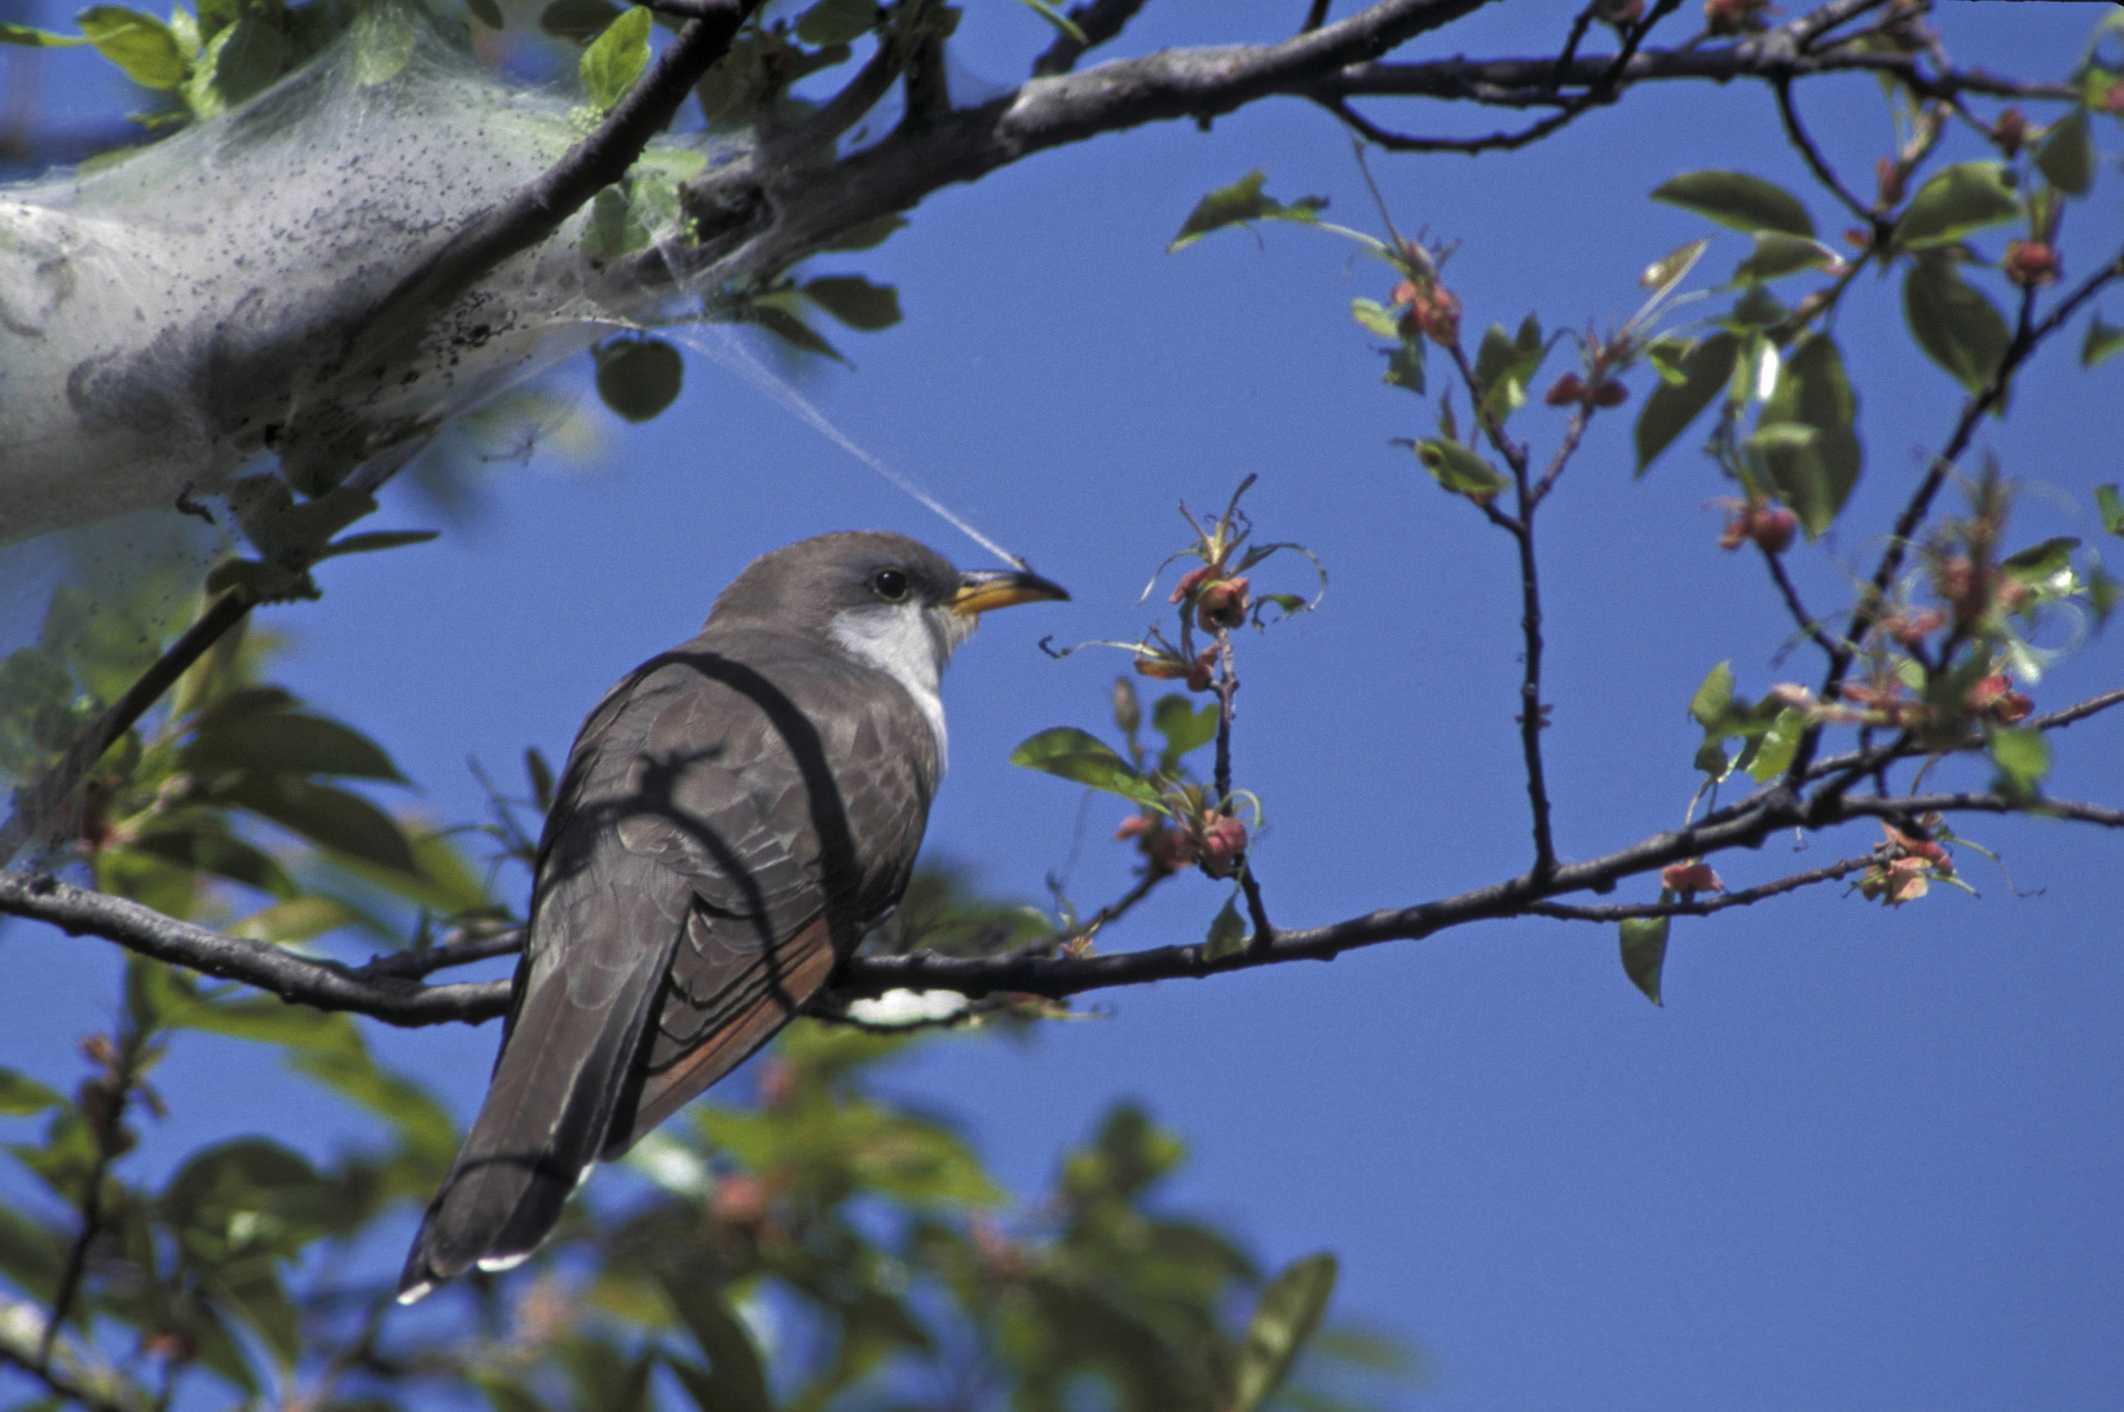 Bird perched near caterpillar tent.